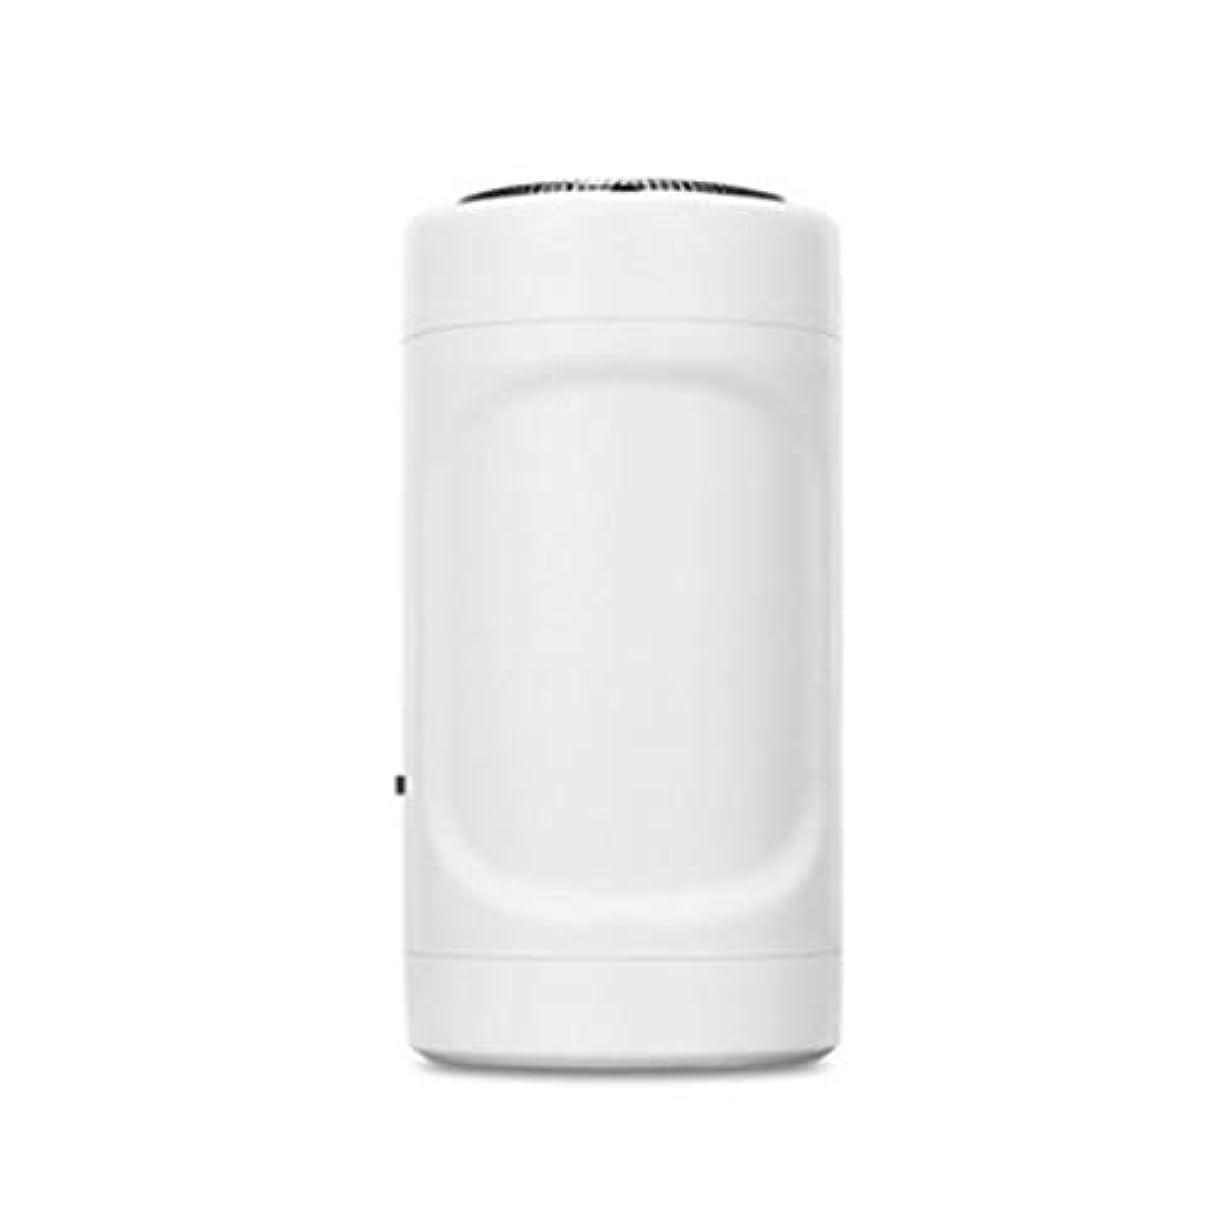 スマイルオーストラリア人怒りミニシェーバーUSB Apple Androidミニ脱毛器屋外??旅行懐中電灯ミニポケット(ホワイト)